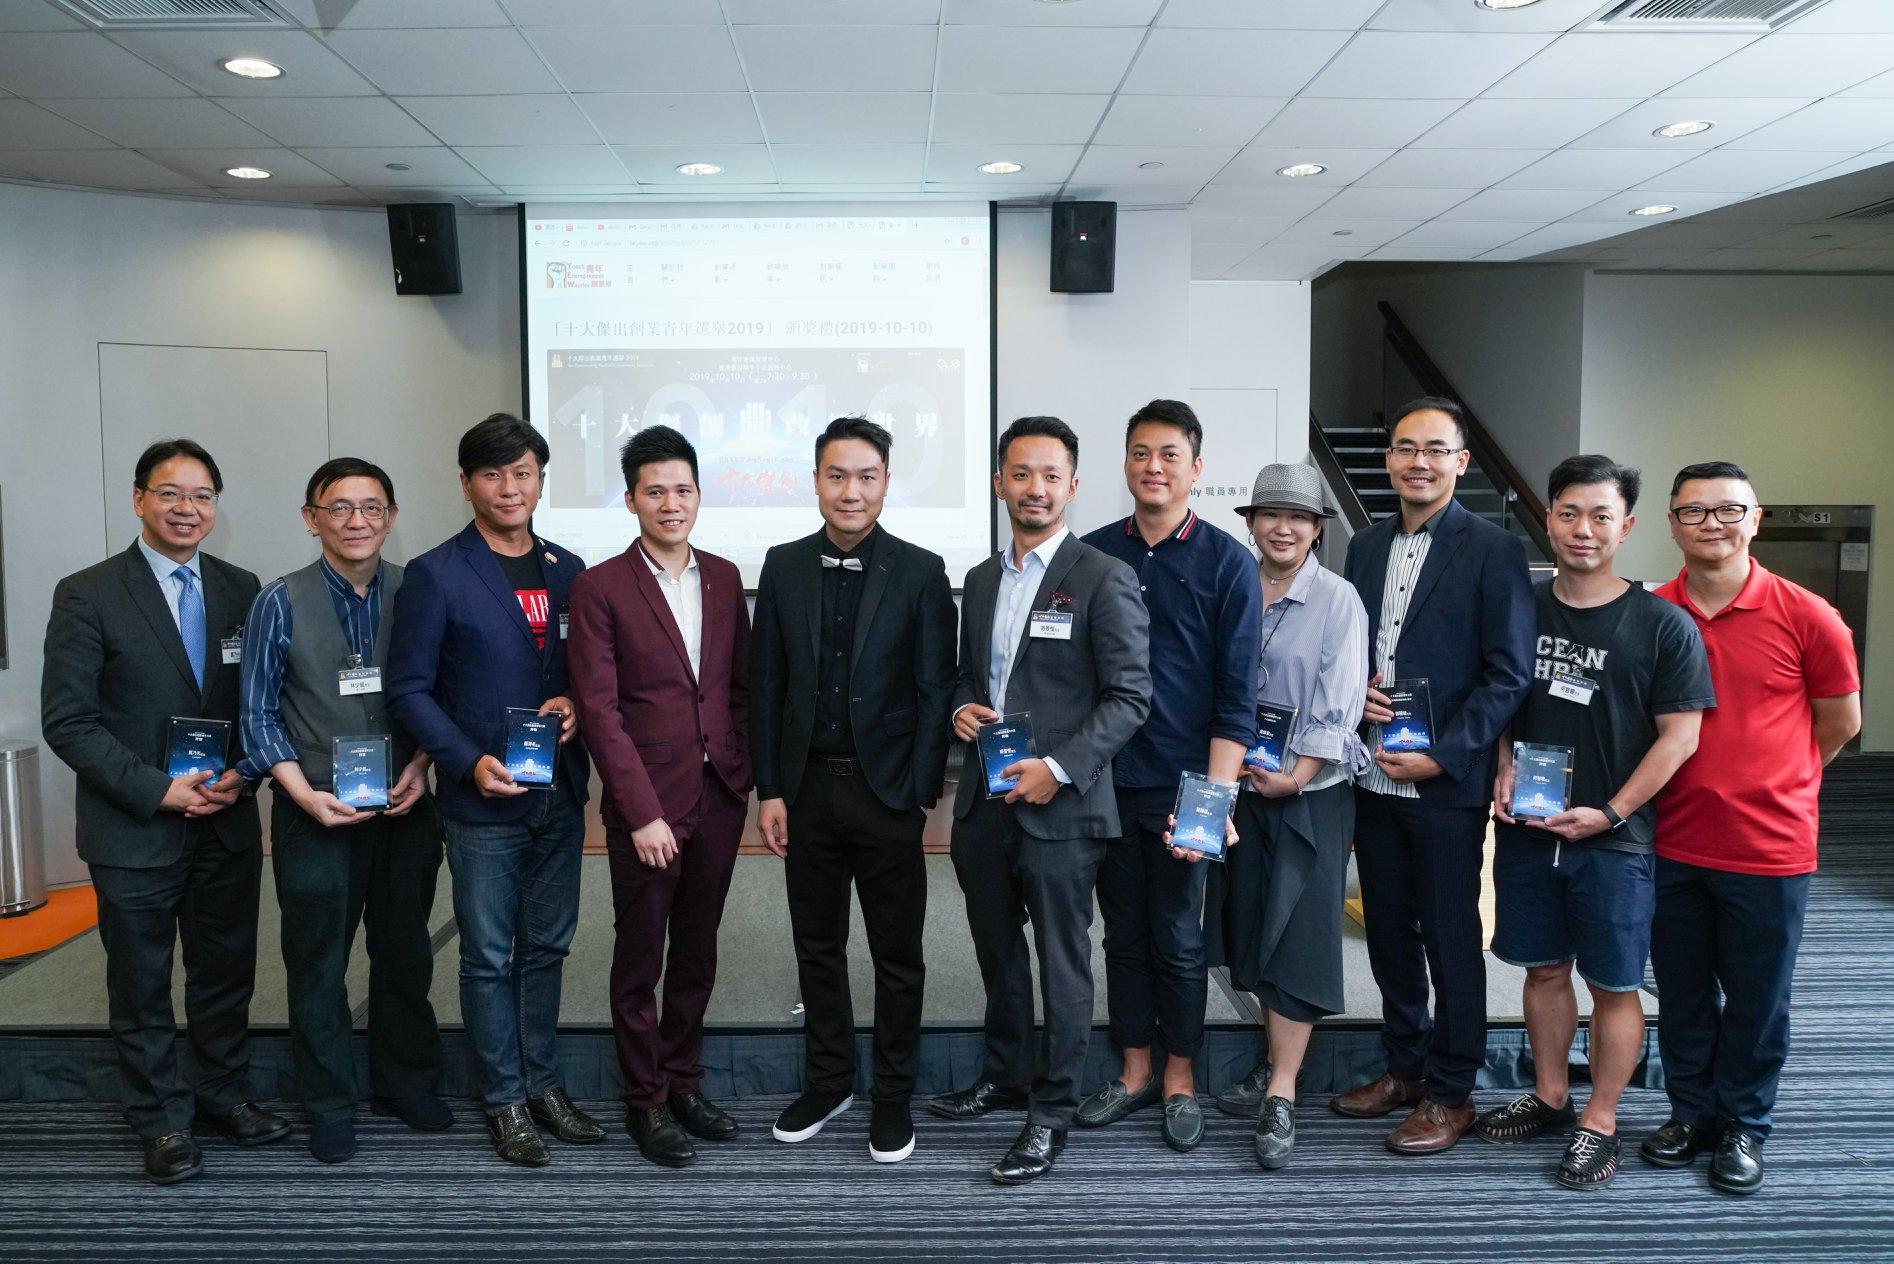 首屆香港《十大傑出創業青年選舉》頒獎禮隆重舉行: 評審委員會